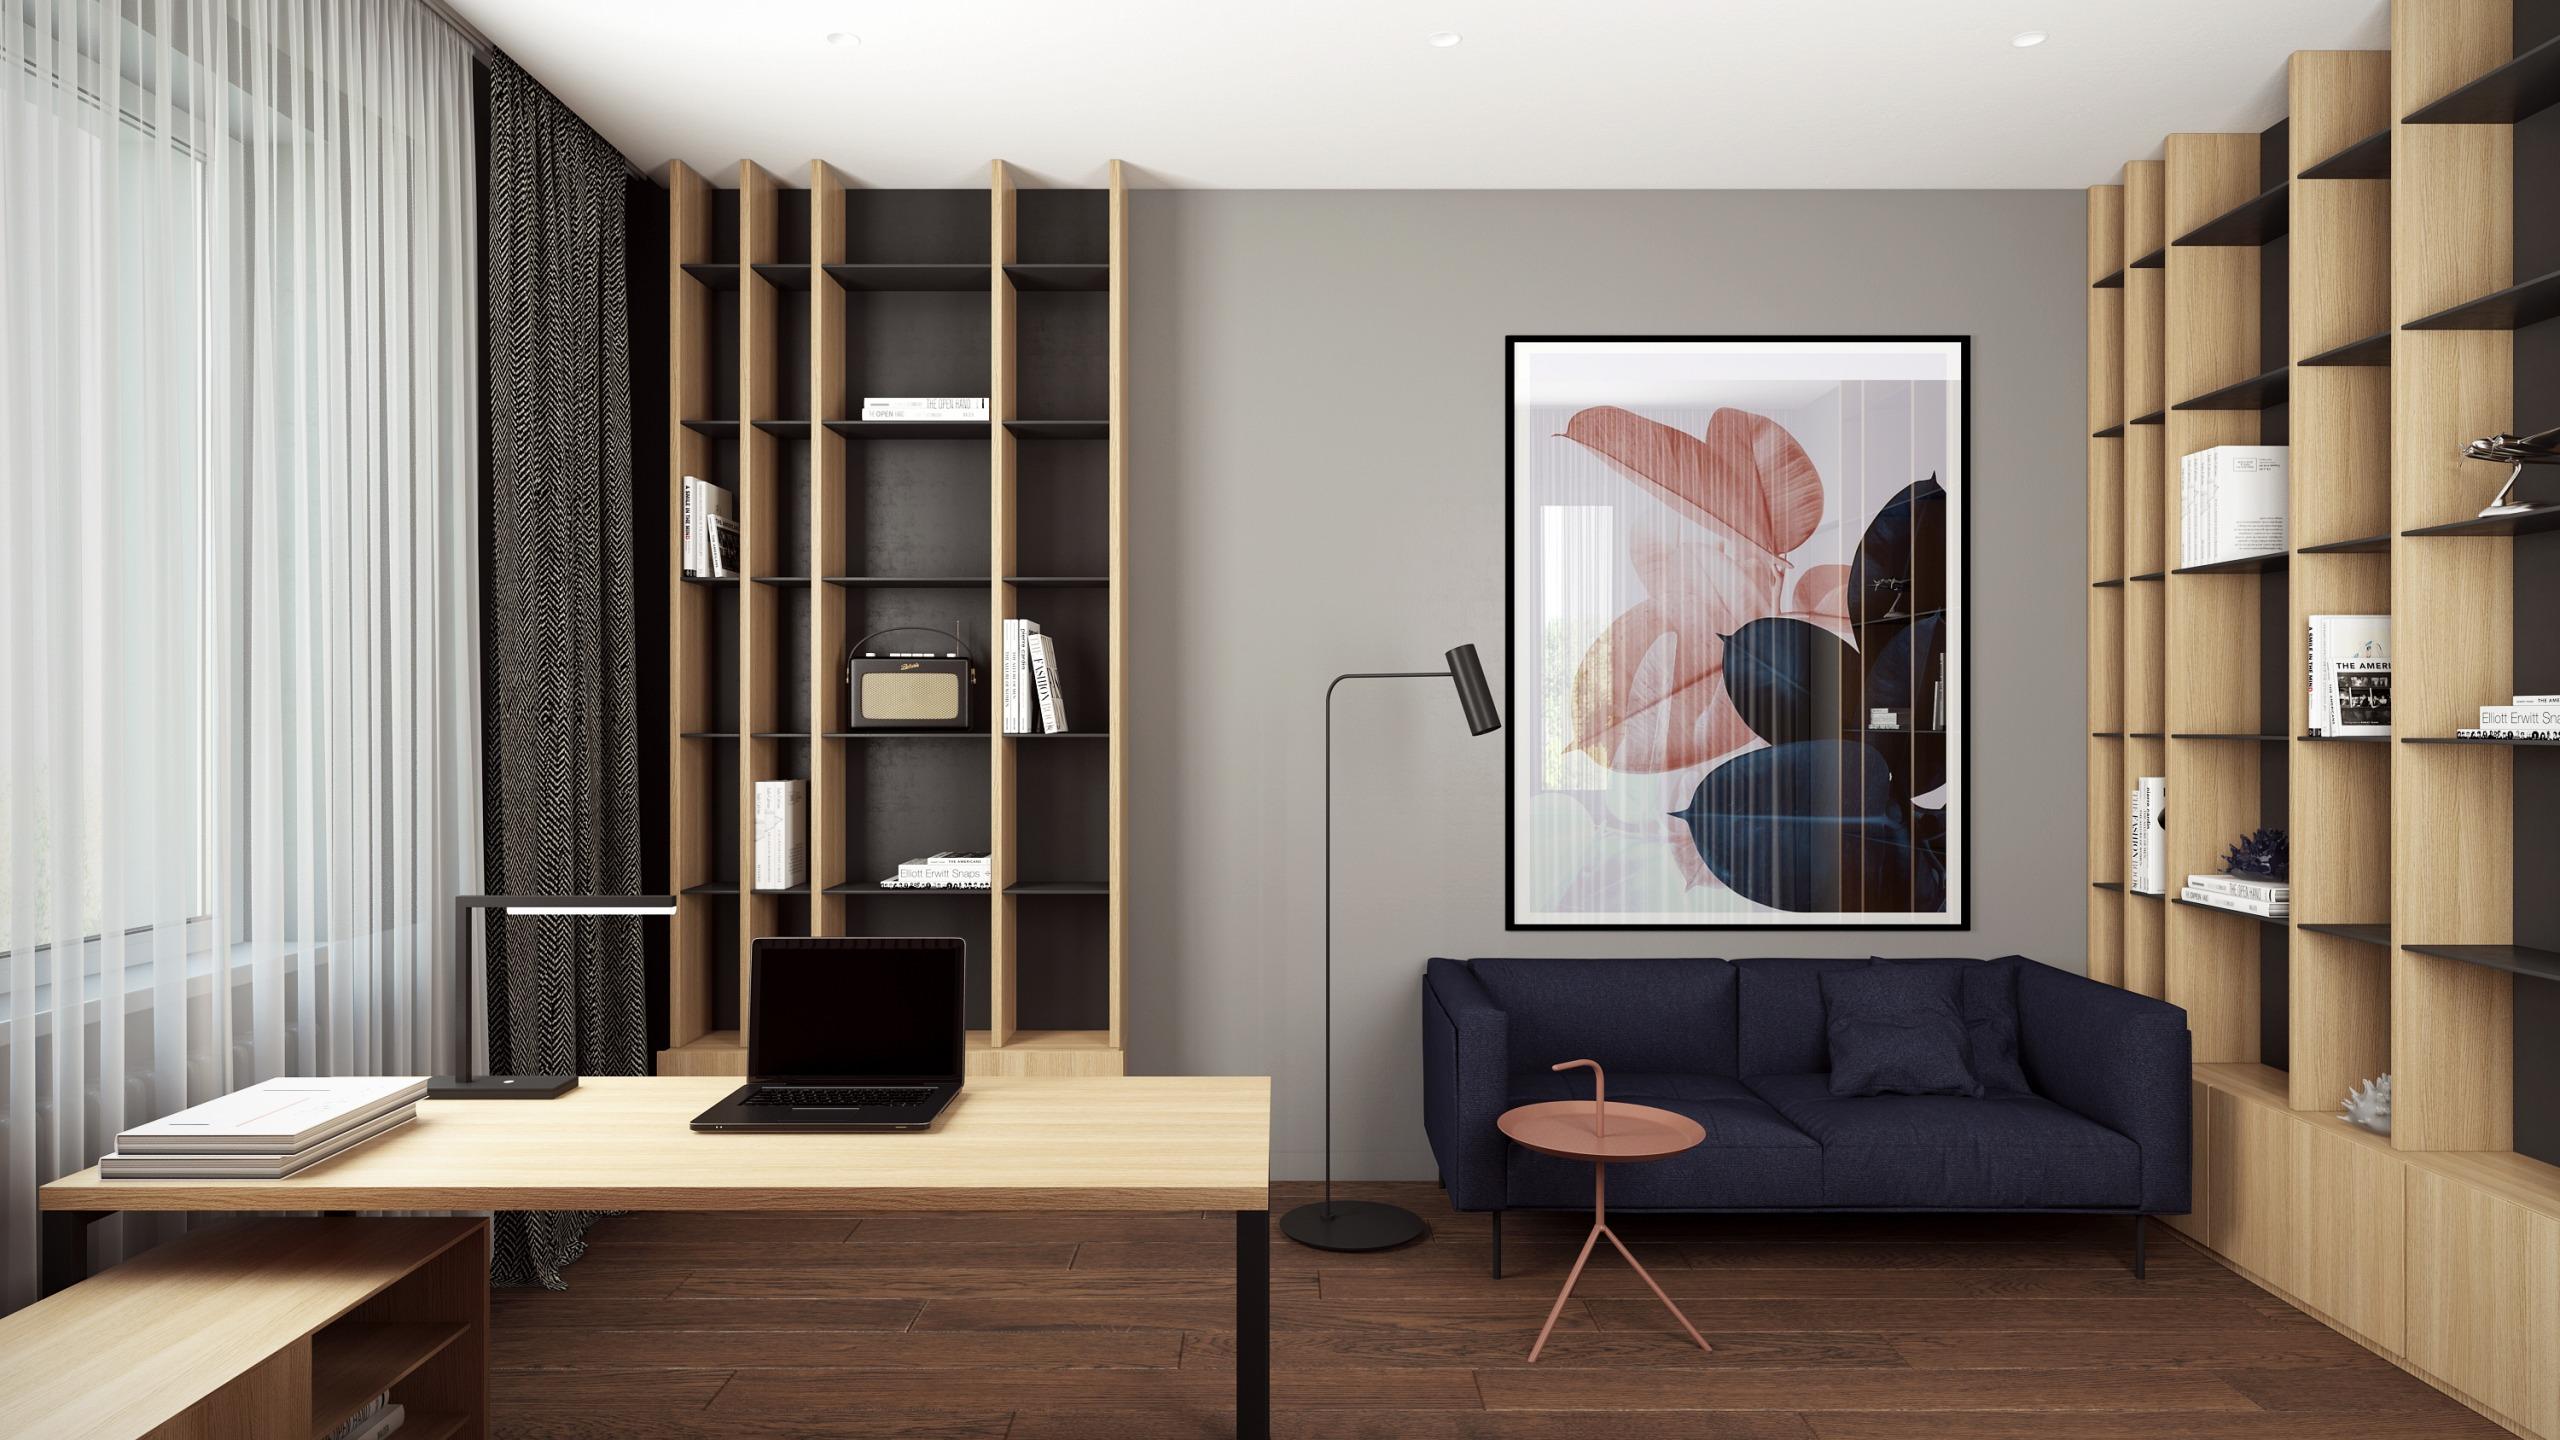 Профессиональный дизайн интерьера в киевской студии Ионосфера